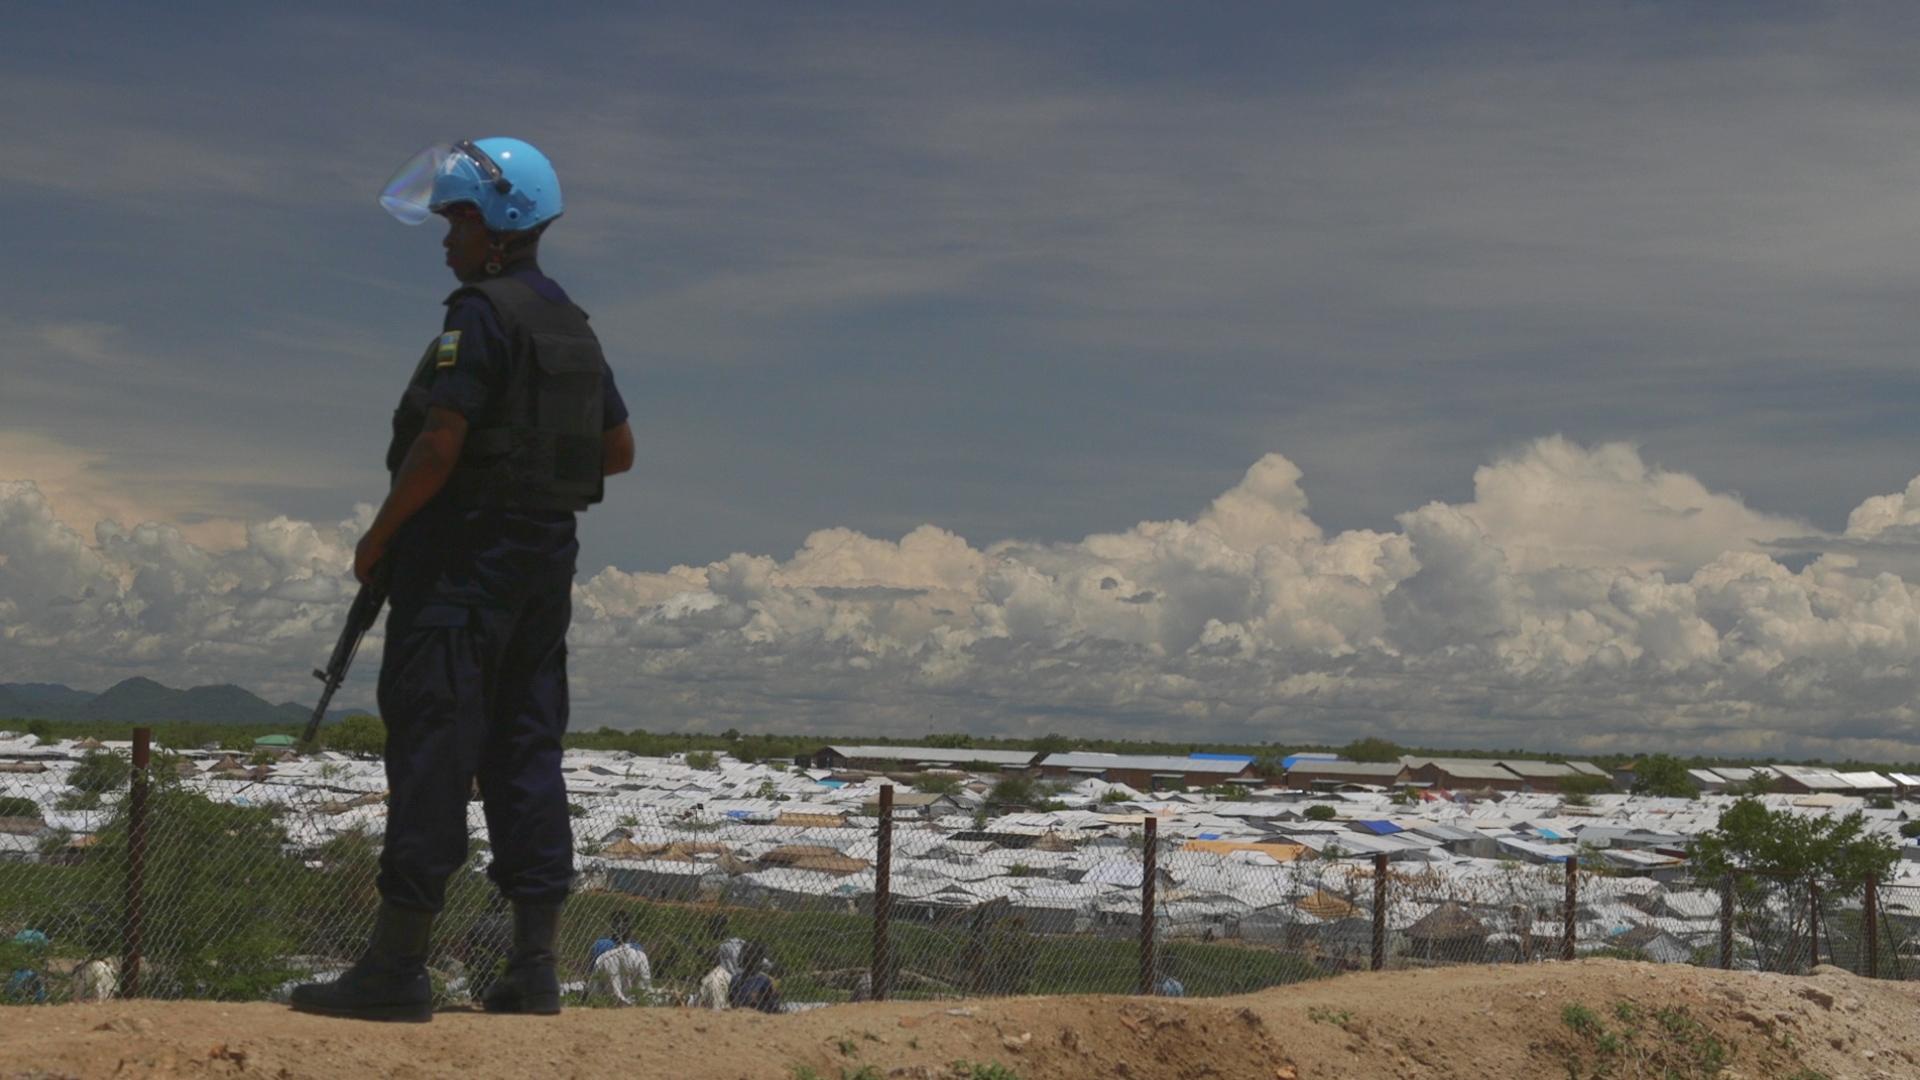 RSI segni dei tempi Sud Sudan.00_08_09_35.Immagine003.jpg